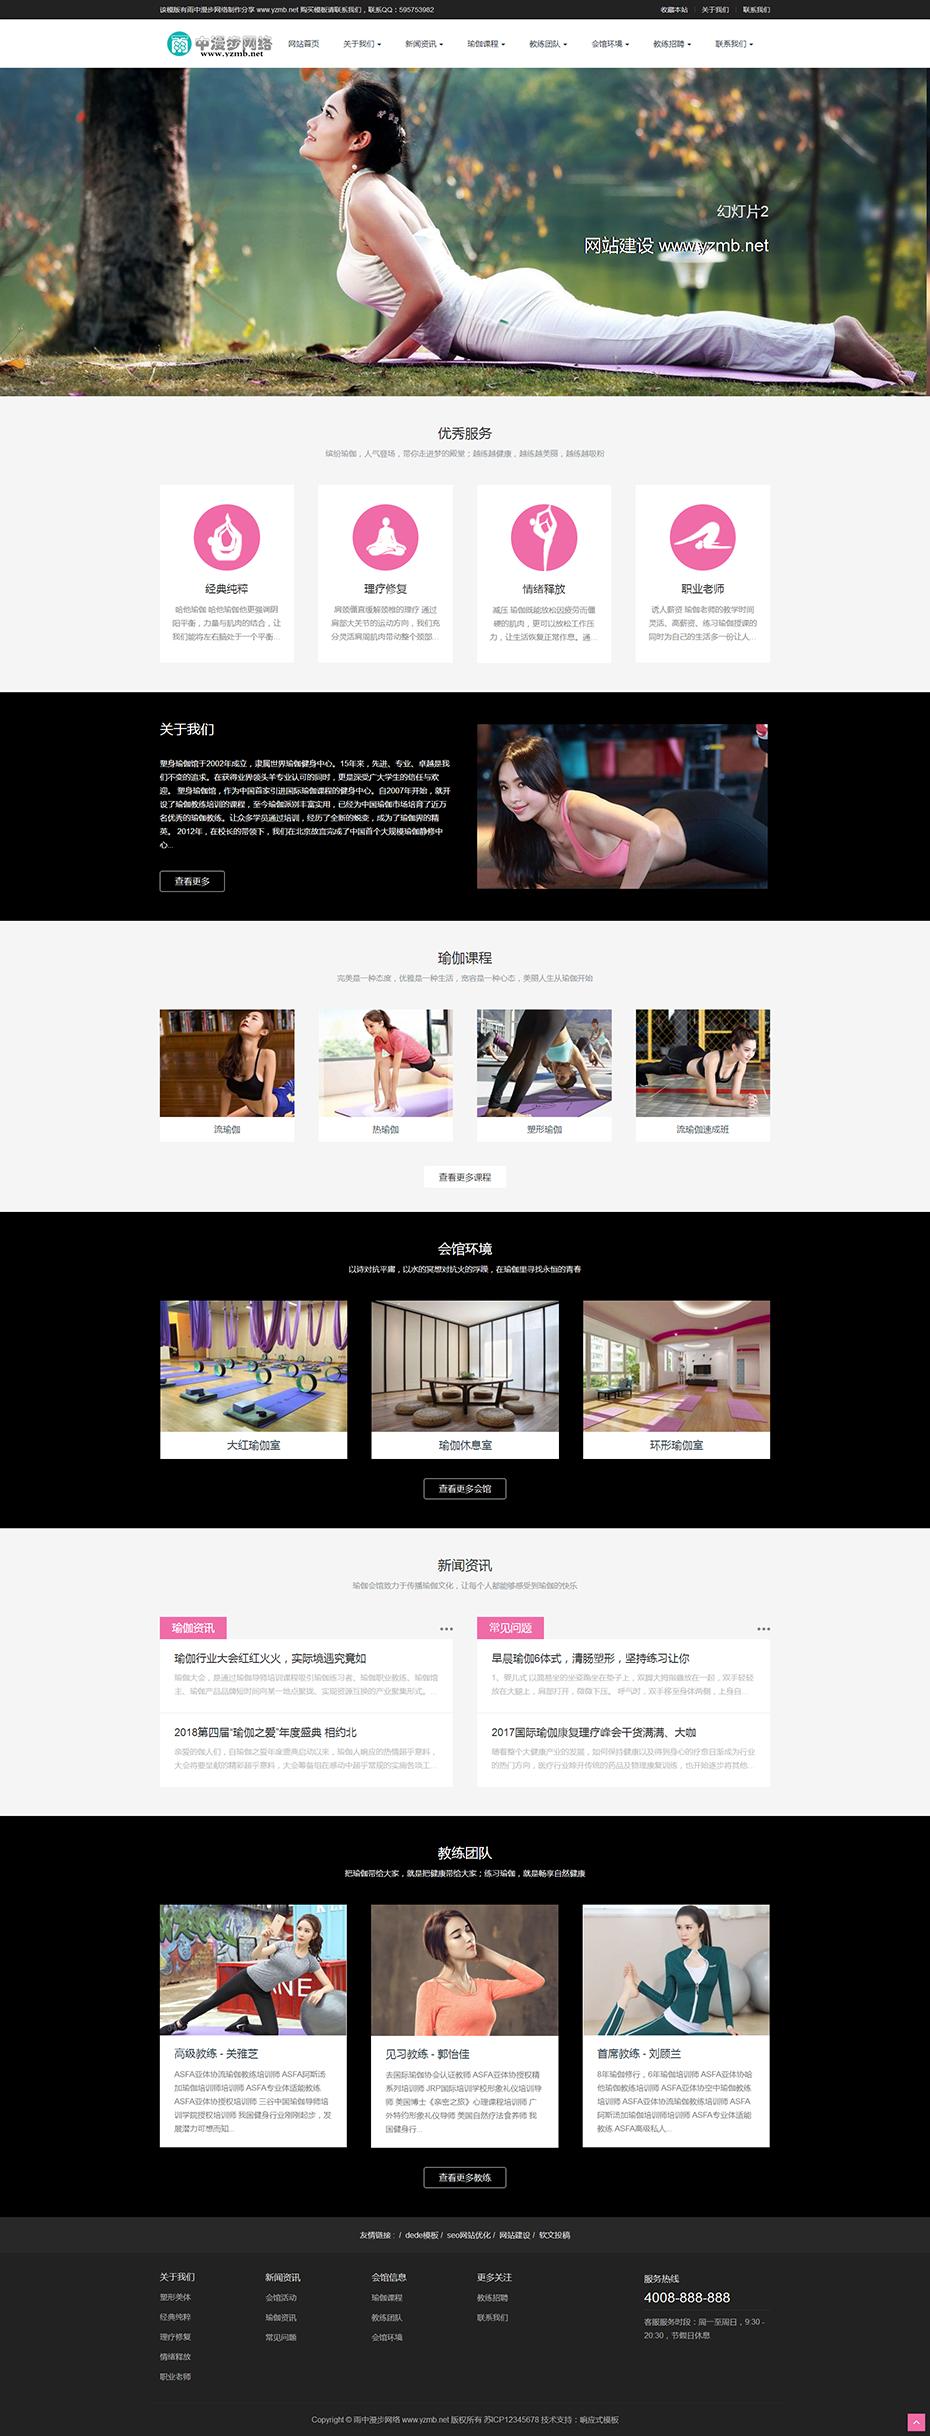 dede主题模板-(自适应手机版)响应式瑜伽健身网站模板下载